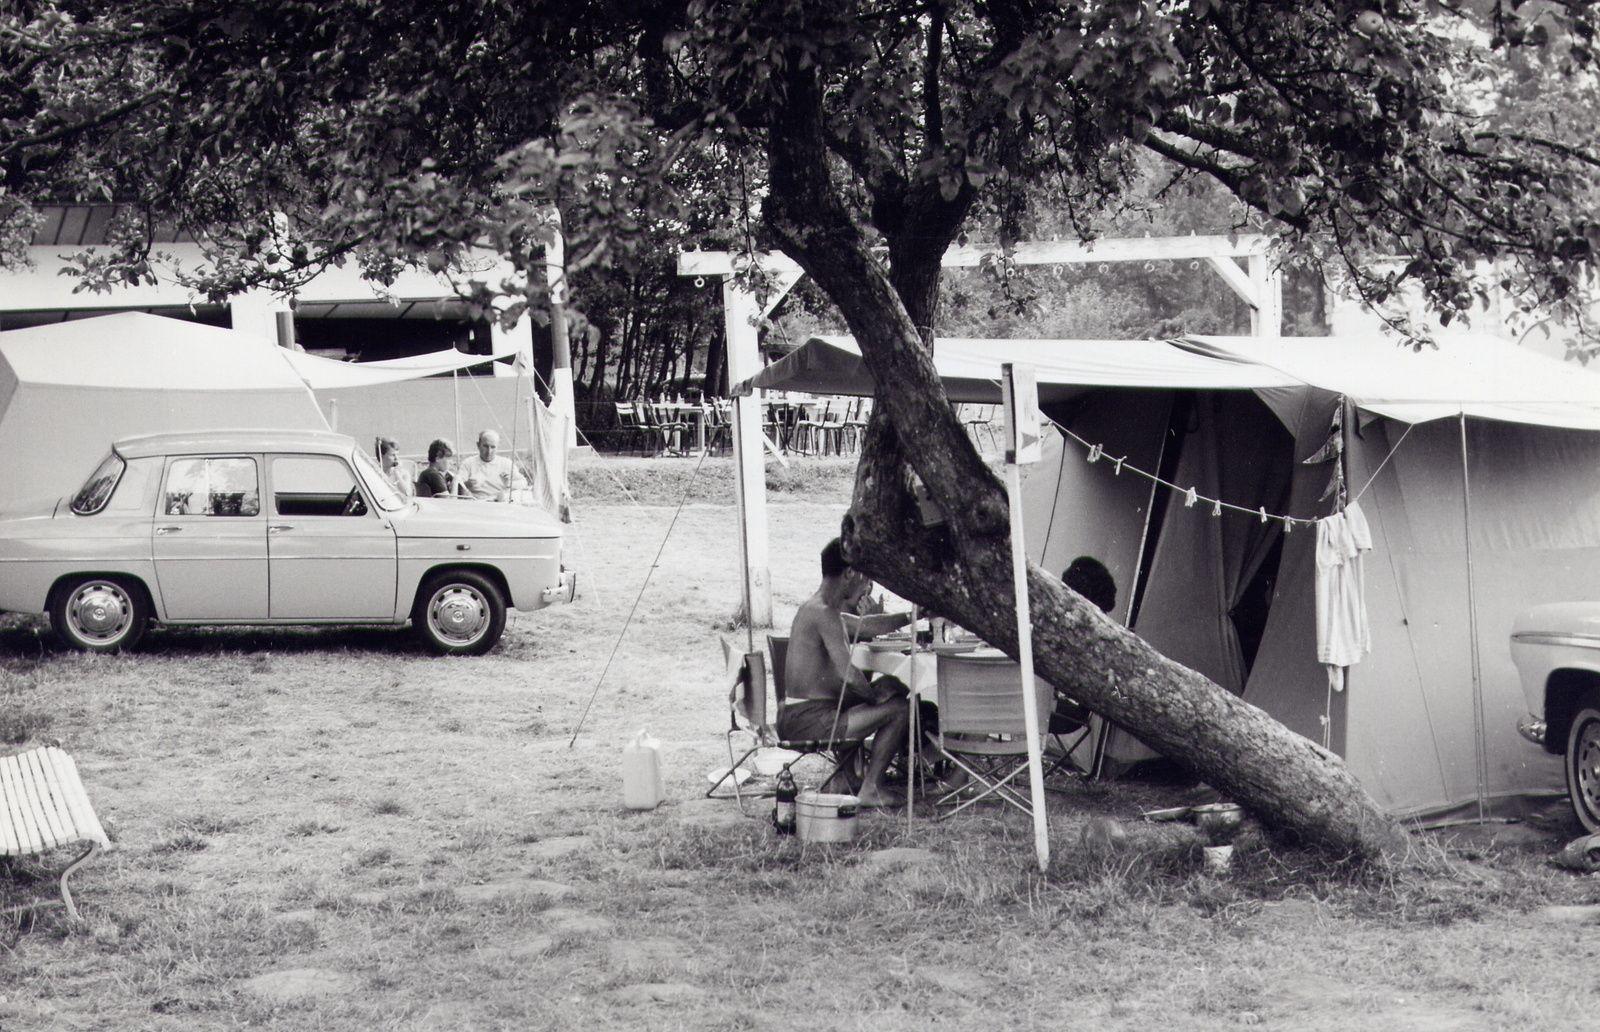 Le camping de Bellon dans l'oeil du rétroviseur